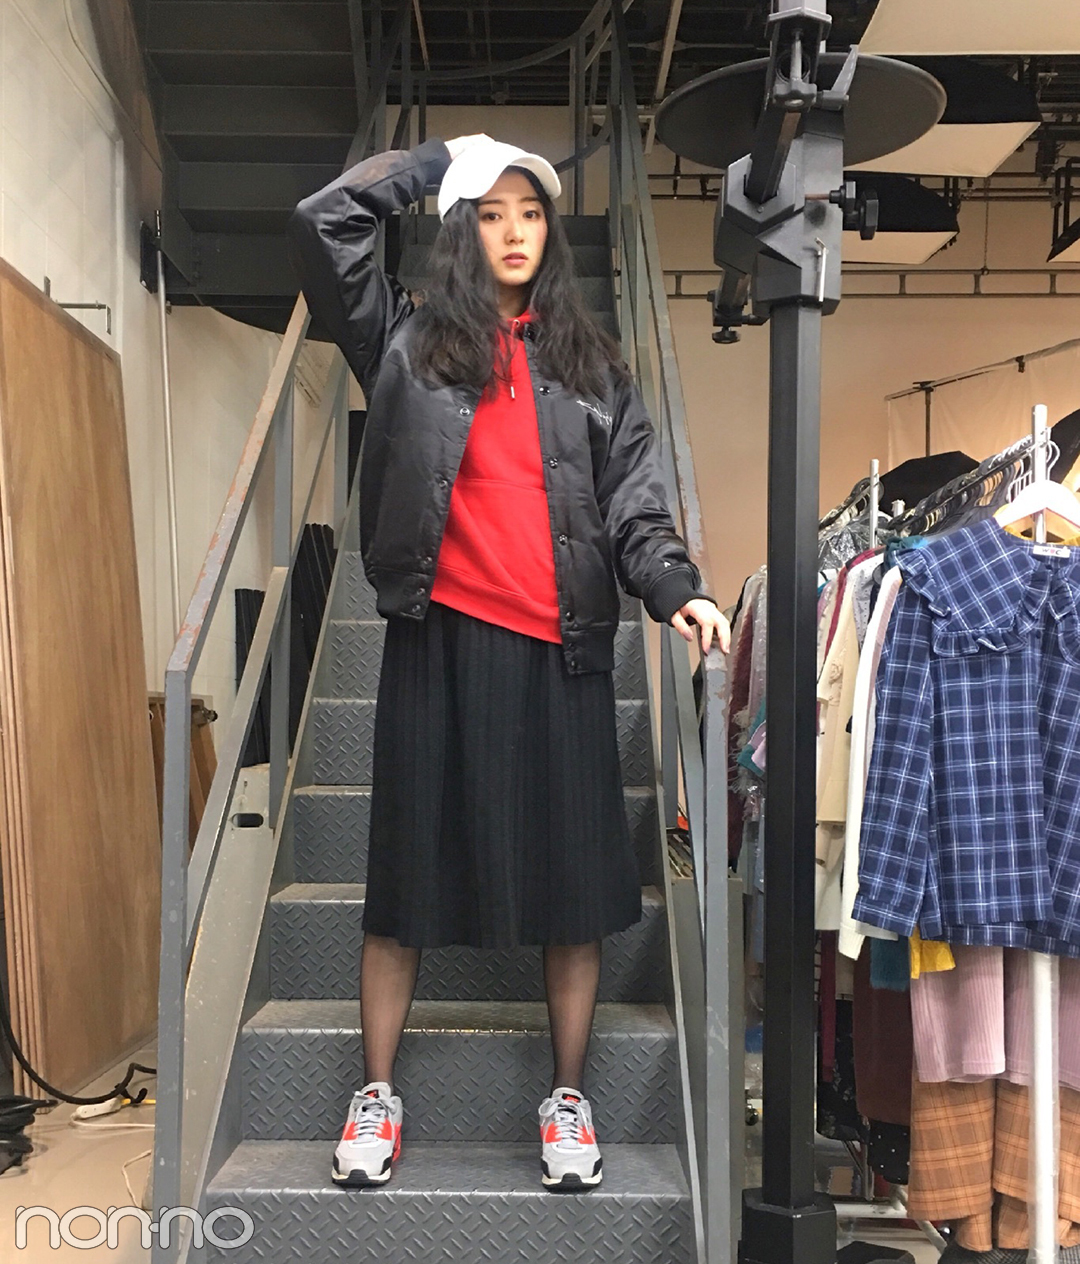 高田里穂のクールカジュアル♡ 赤のパーカはGUのメンズライン!【モデルの私服】_1_1